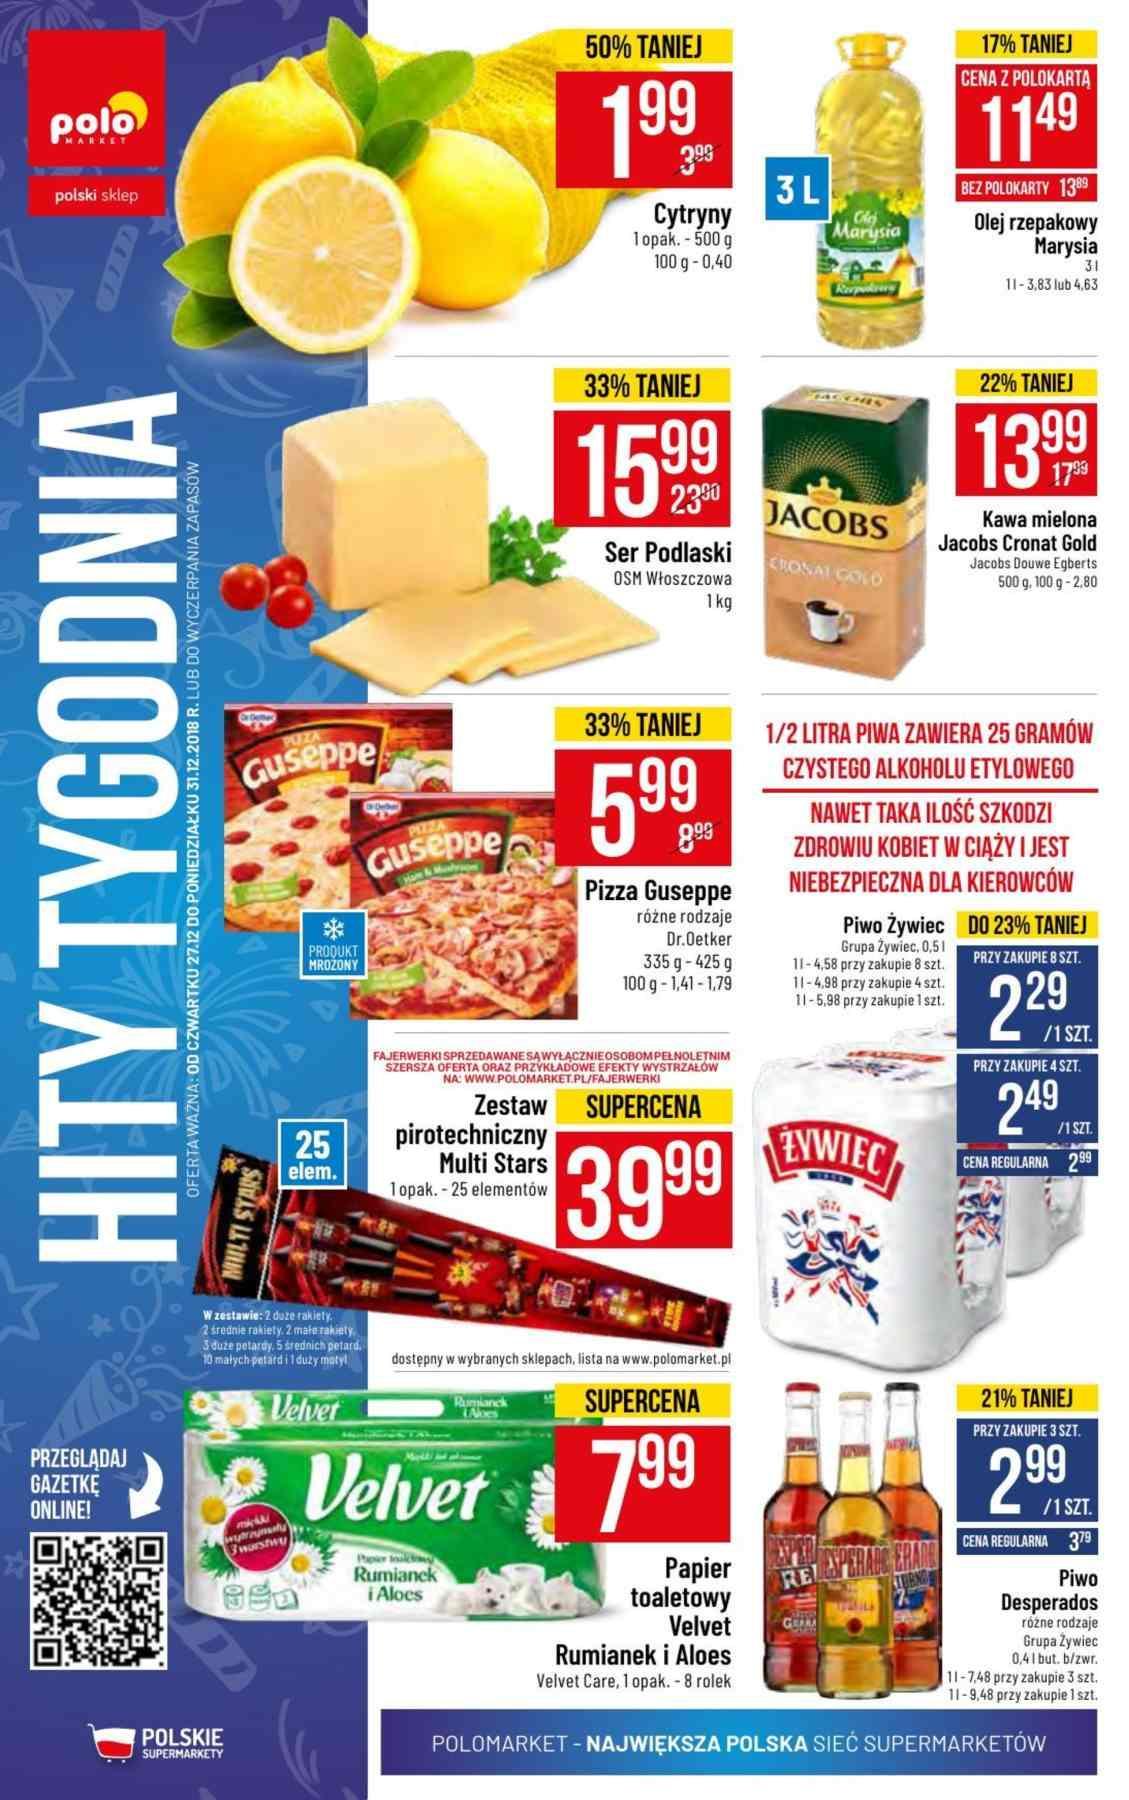 Gazetka promocyjna POLOmarket do 31/12/2018 str.23